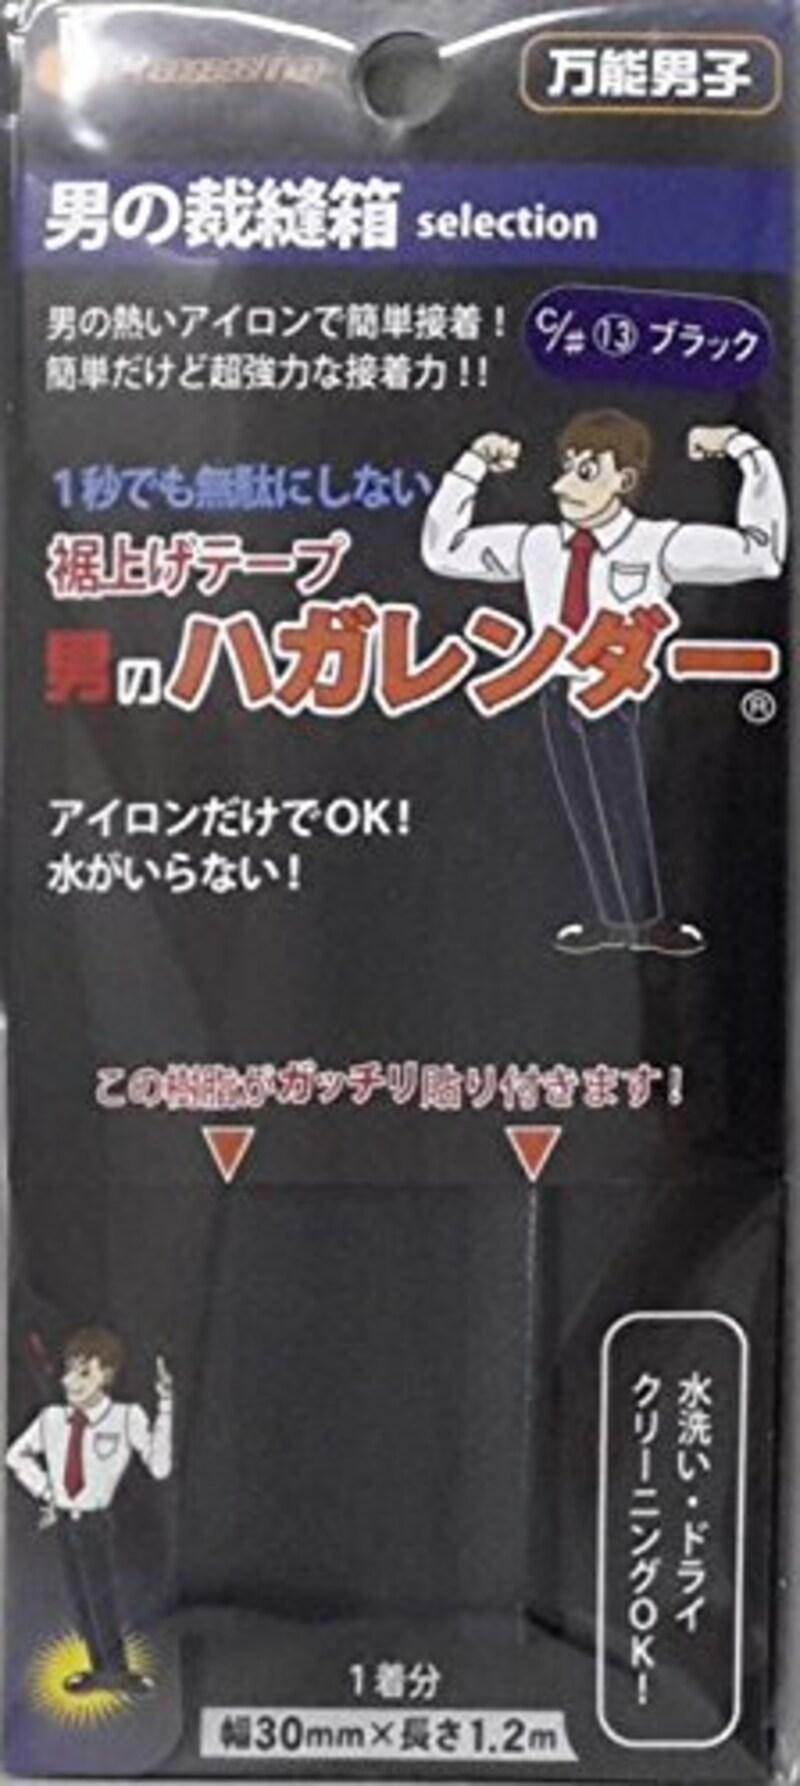 八商商事株式会社,男のハガレンダー,BD-S230S